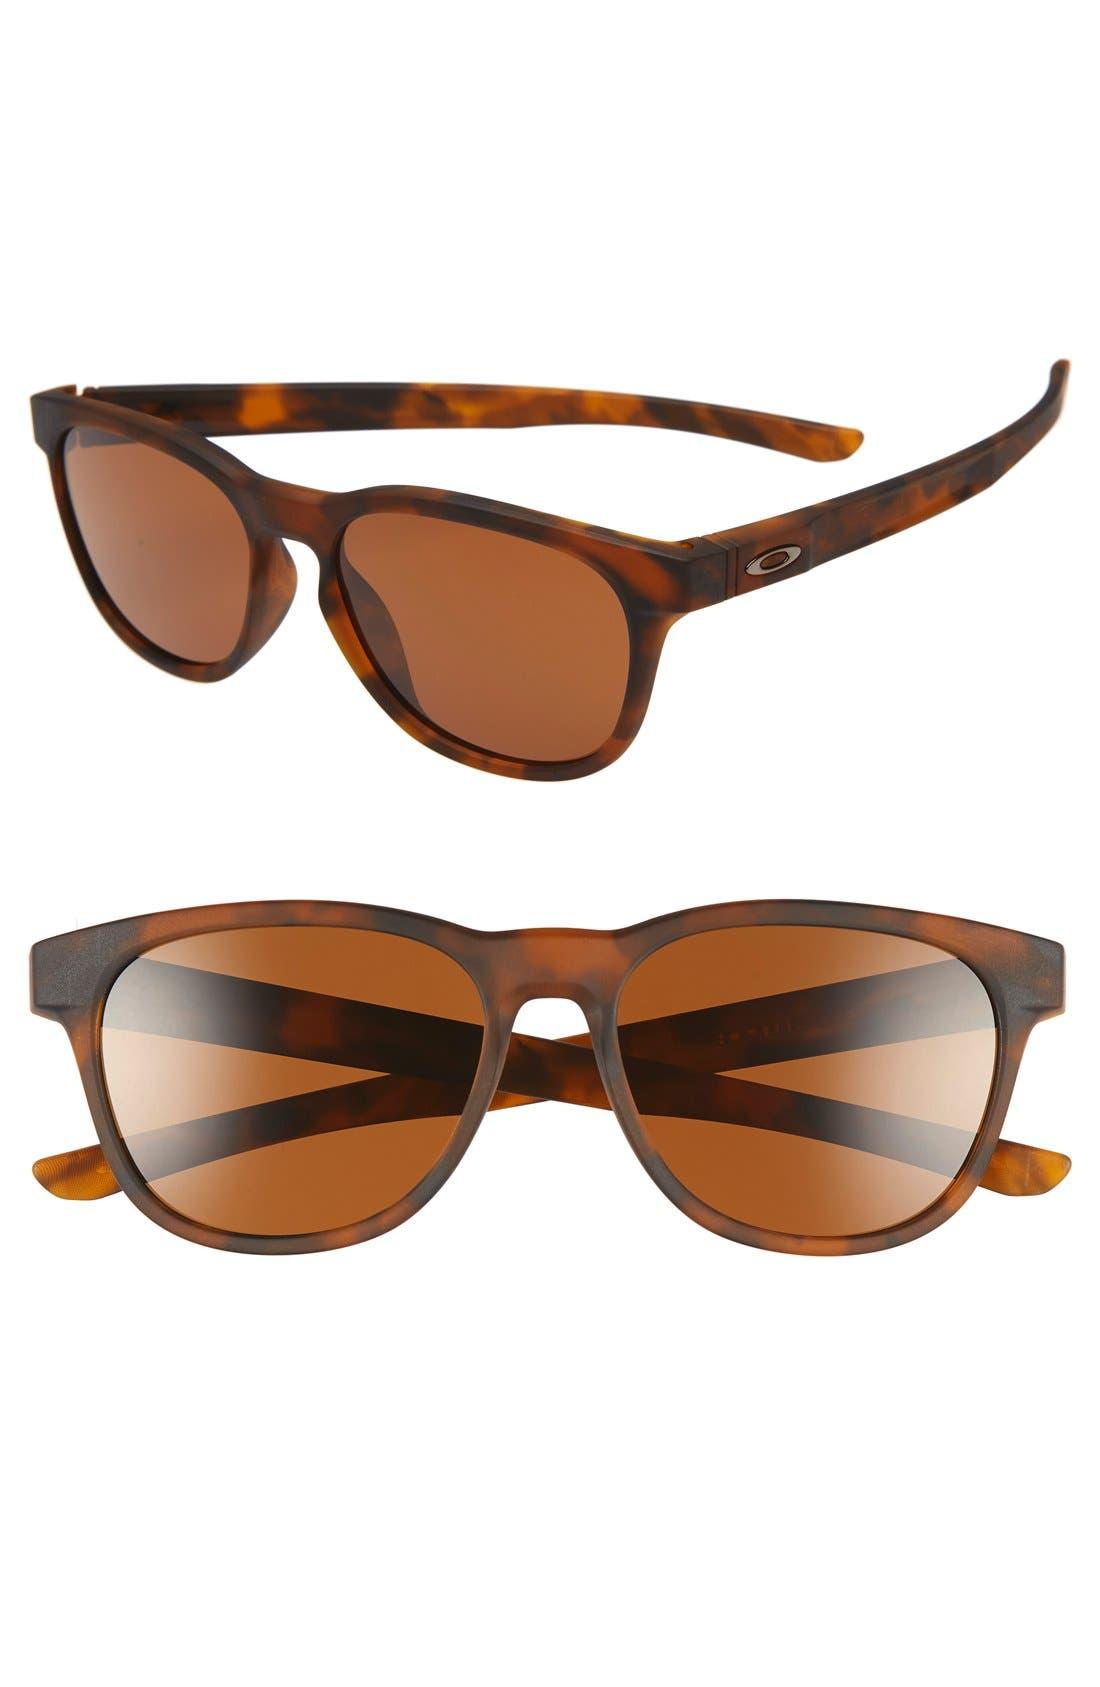 Alternate Image 1 Selected - Oakley 'Stringer' 55mm Sunglasses